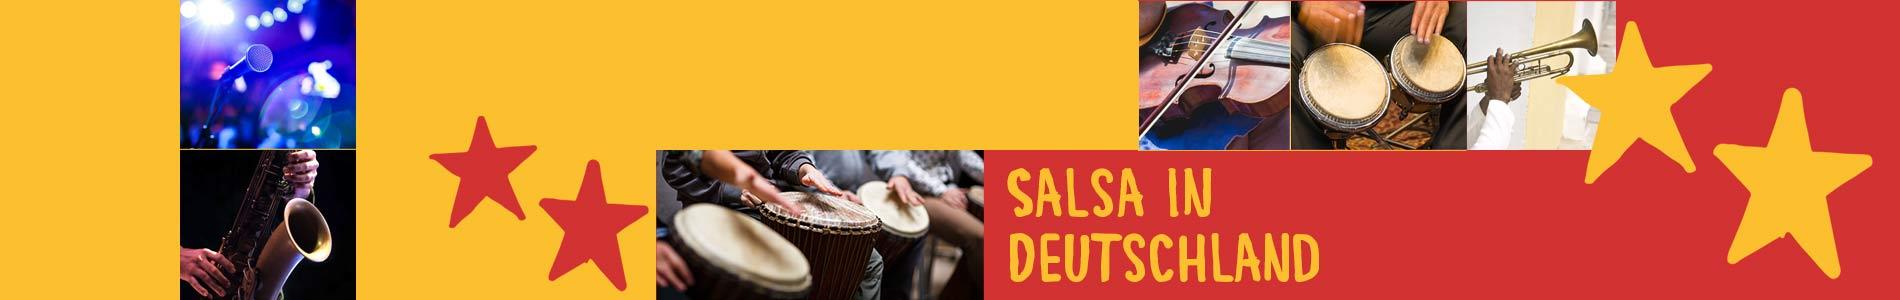 Salsa in Dachwig – Salsa lernen und tanzen, Tanzkurse, Partys, Veranstaltungen